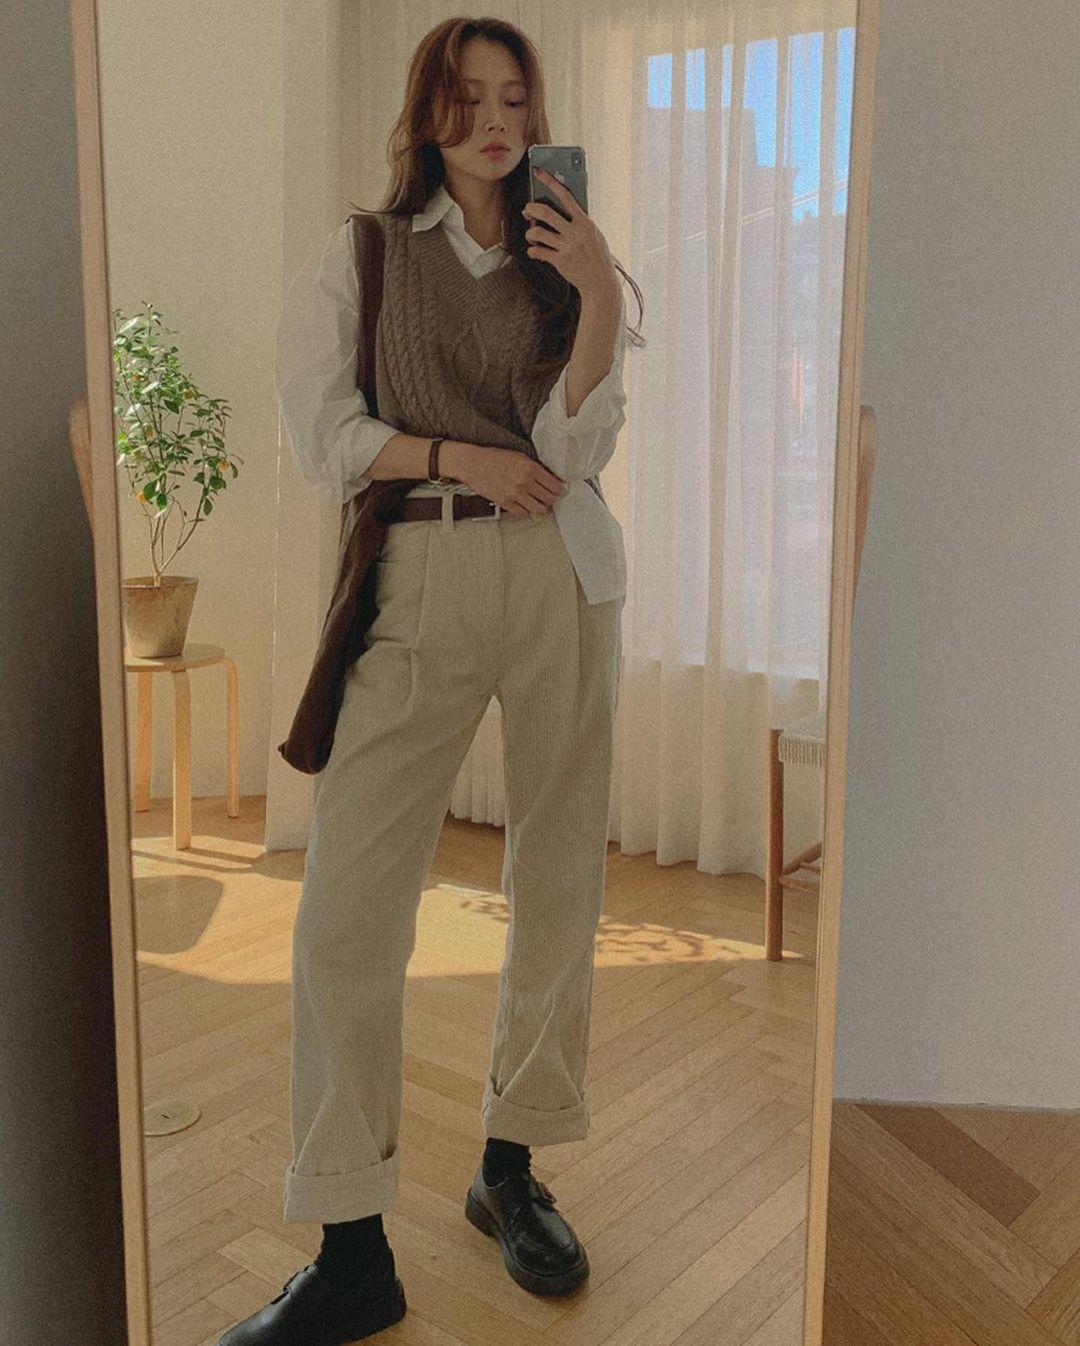 """5 kiểu trang phục mùa Đông sẽ khiến bạn tăng 5kg, eo thon thả đến đâu mặc vào cũng thành """"dìm dáng"""", thấp lùn - Ảnh 5."""